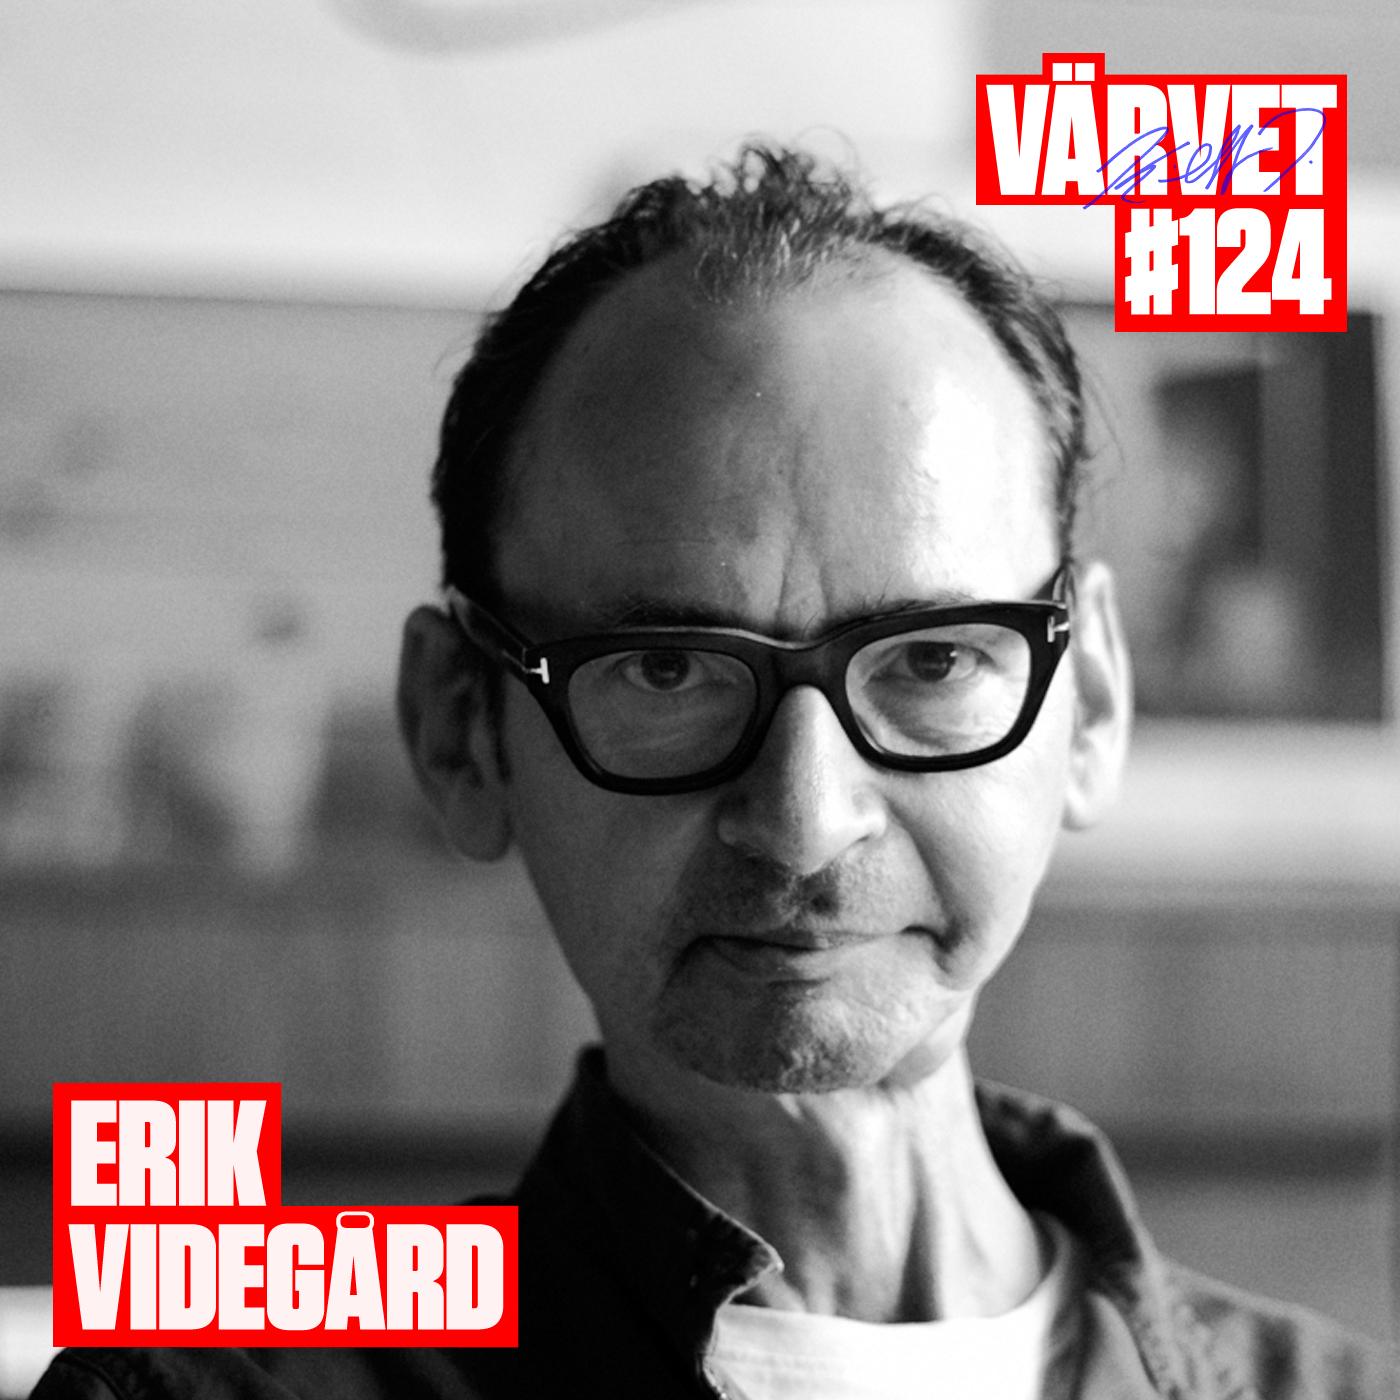 #124: Erik Videgård